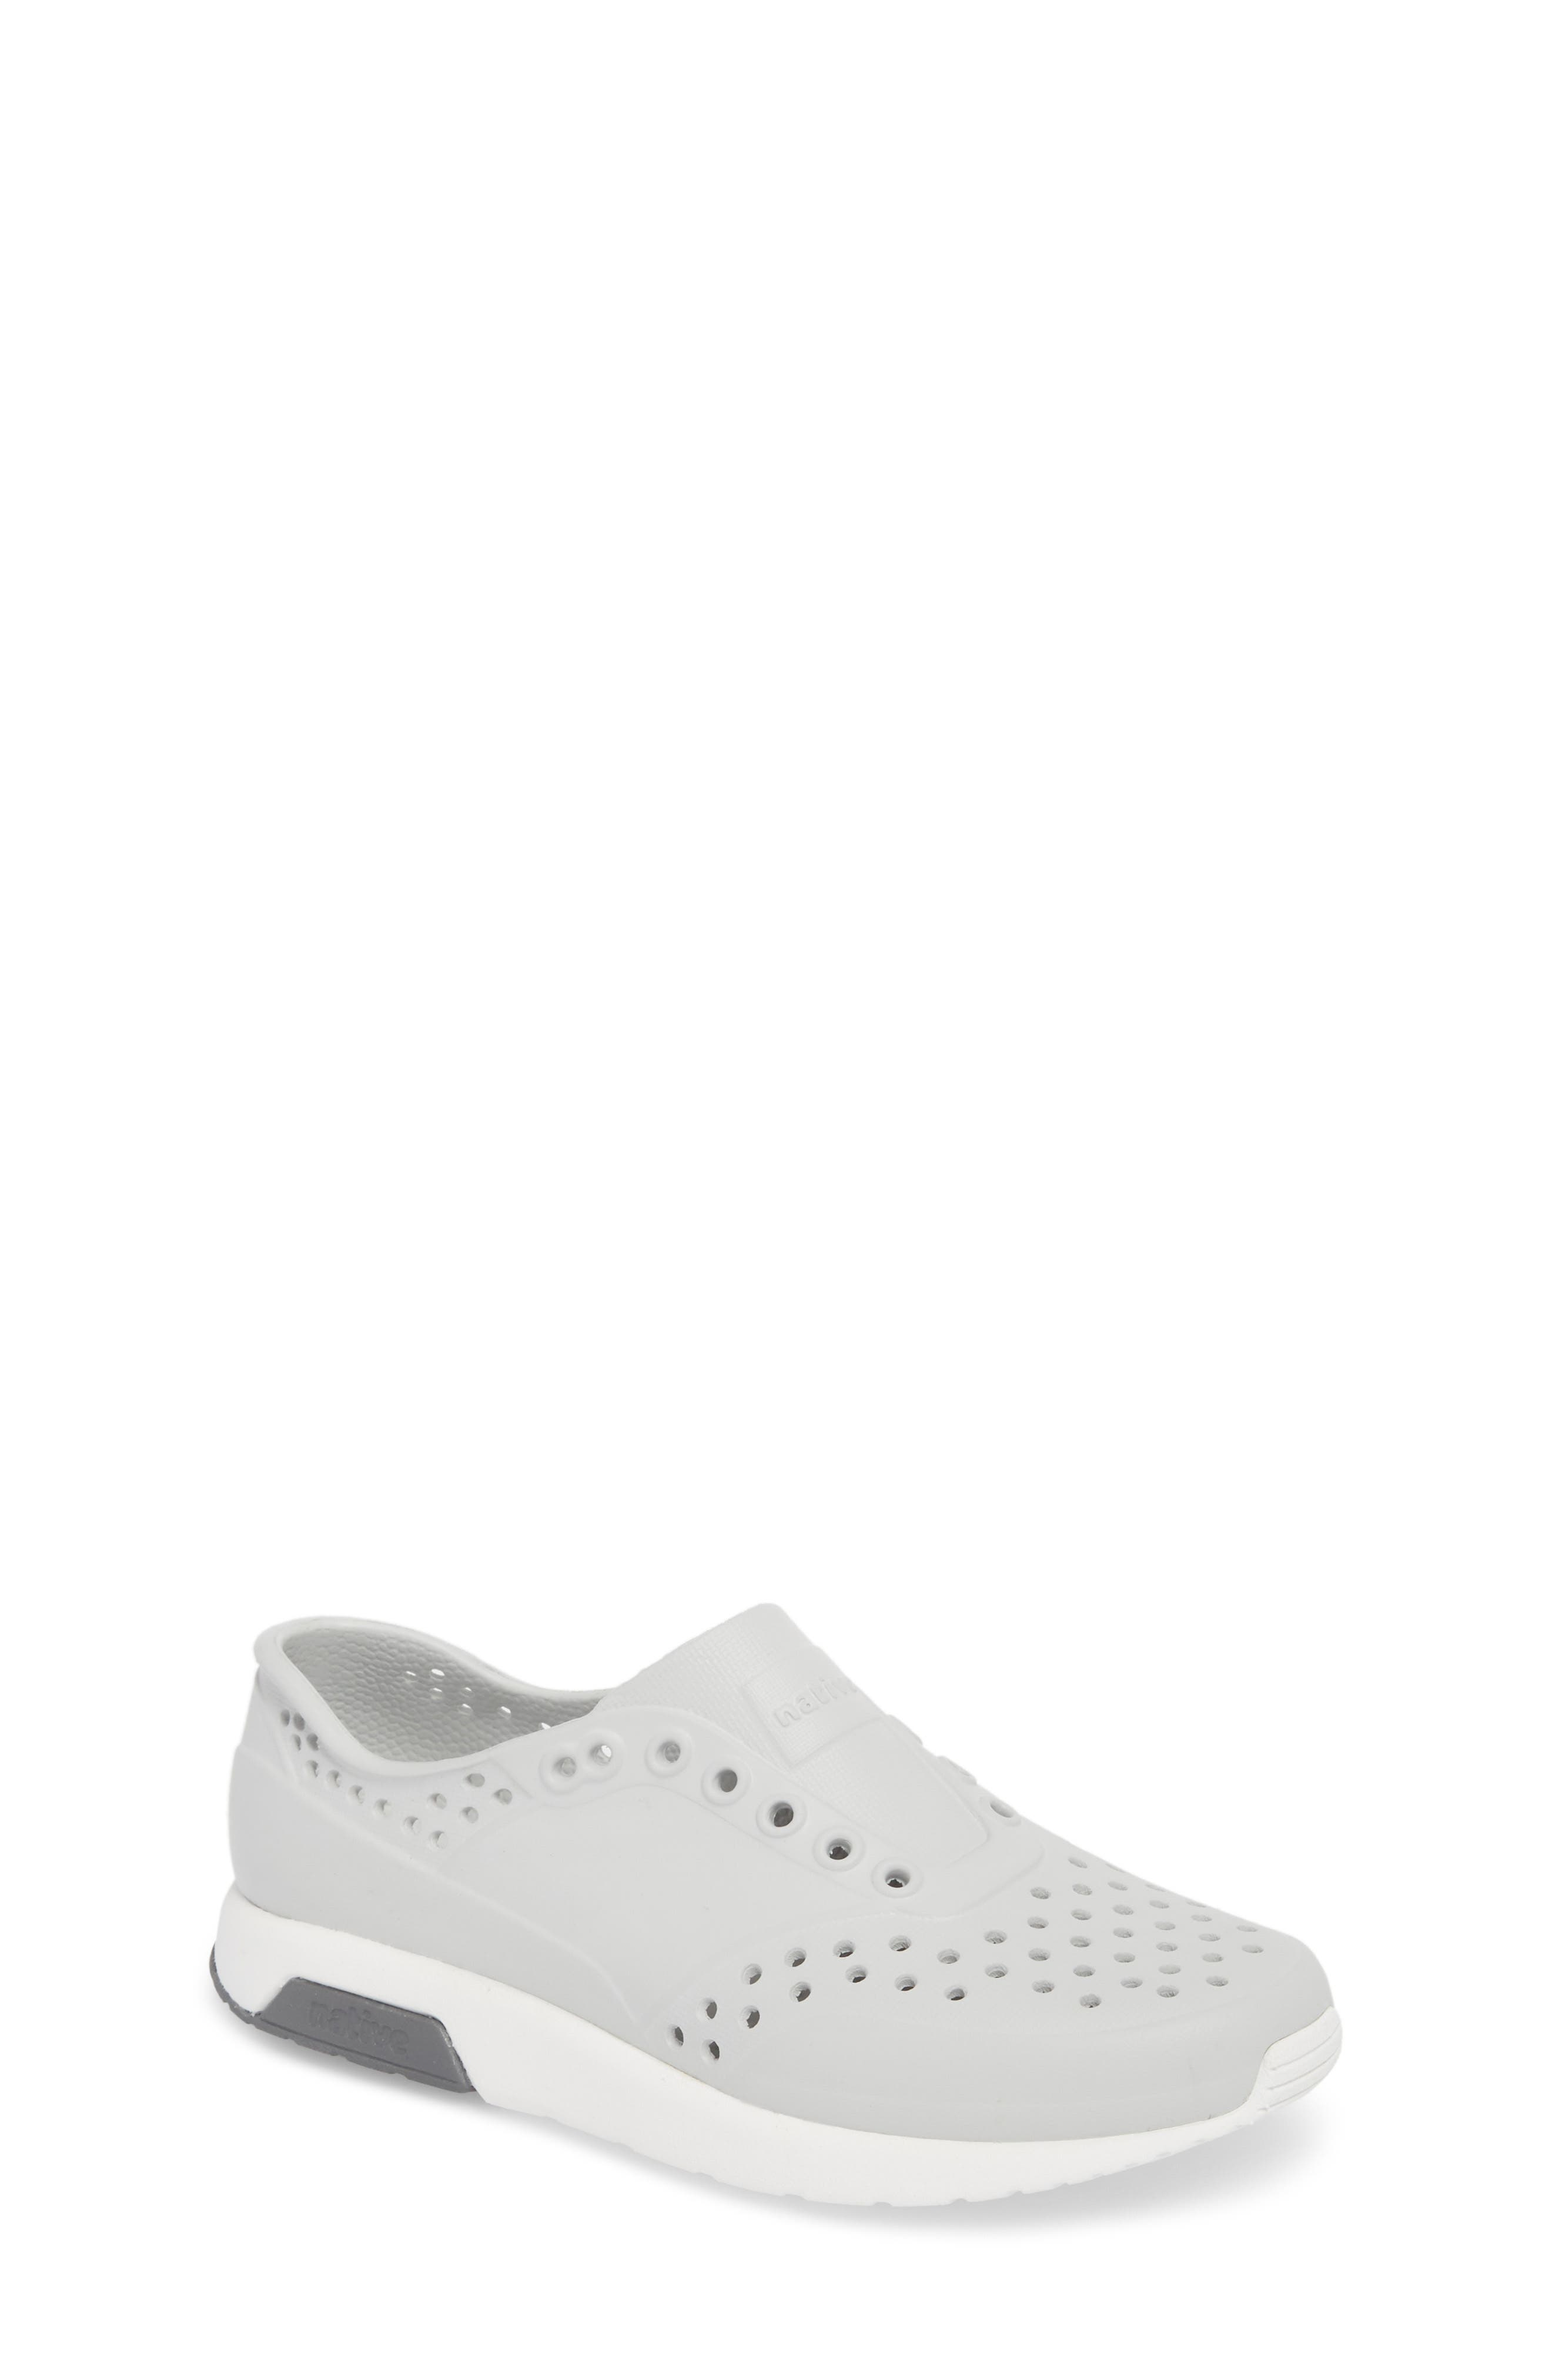 Native Shoes Lennox Slip-On Sneaker (Little Kid)